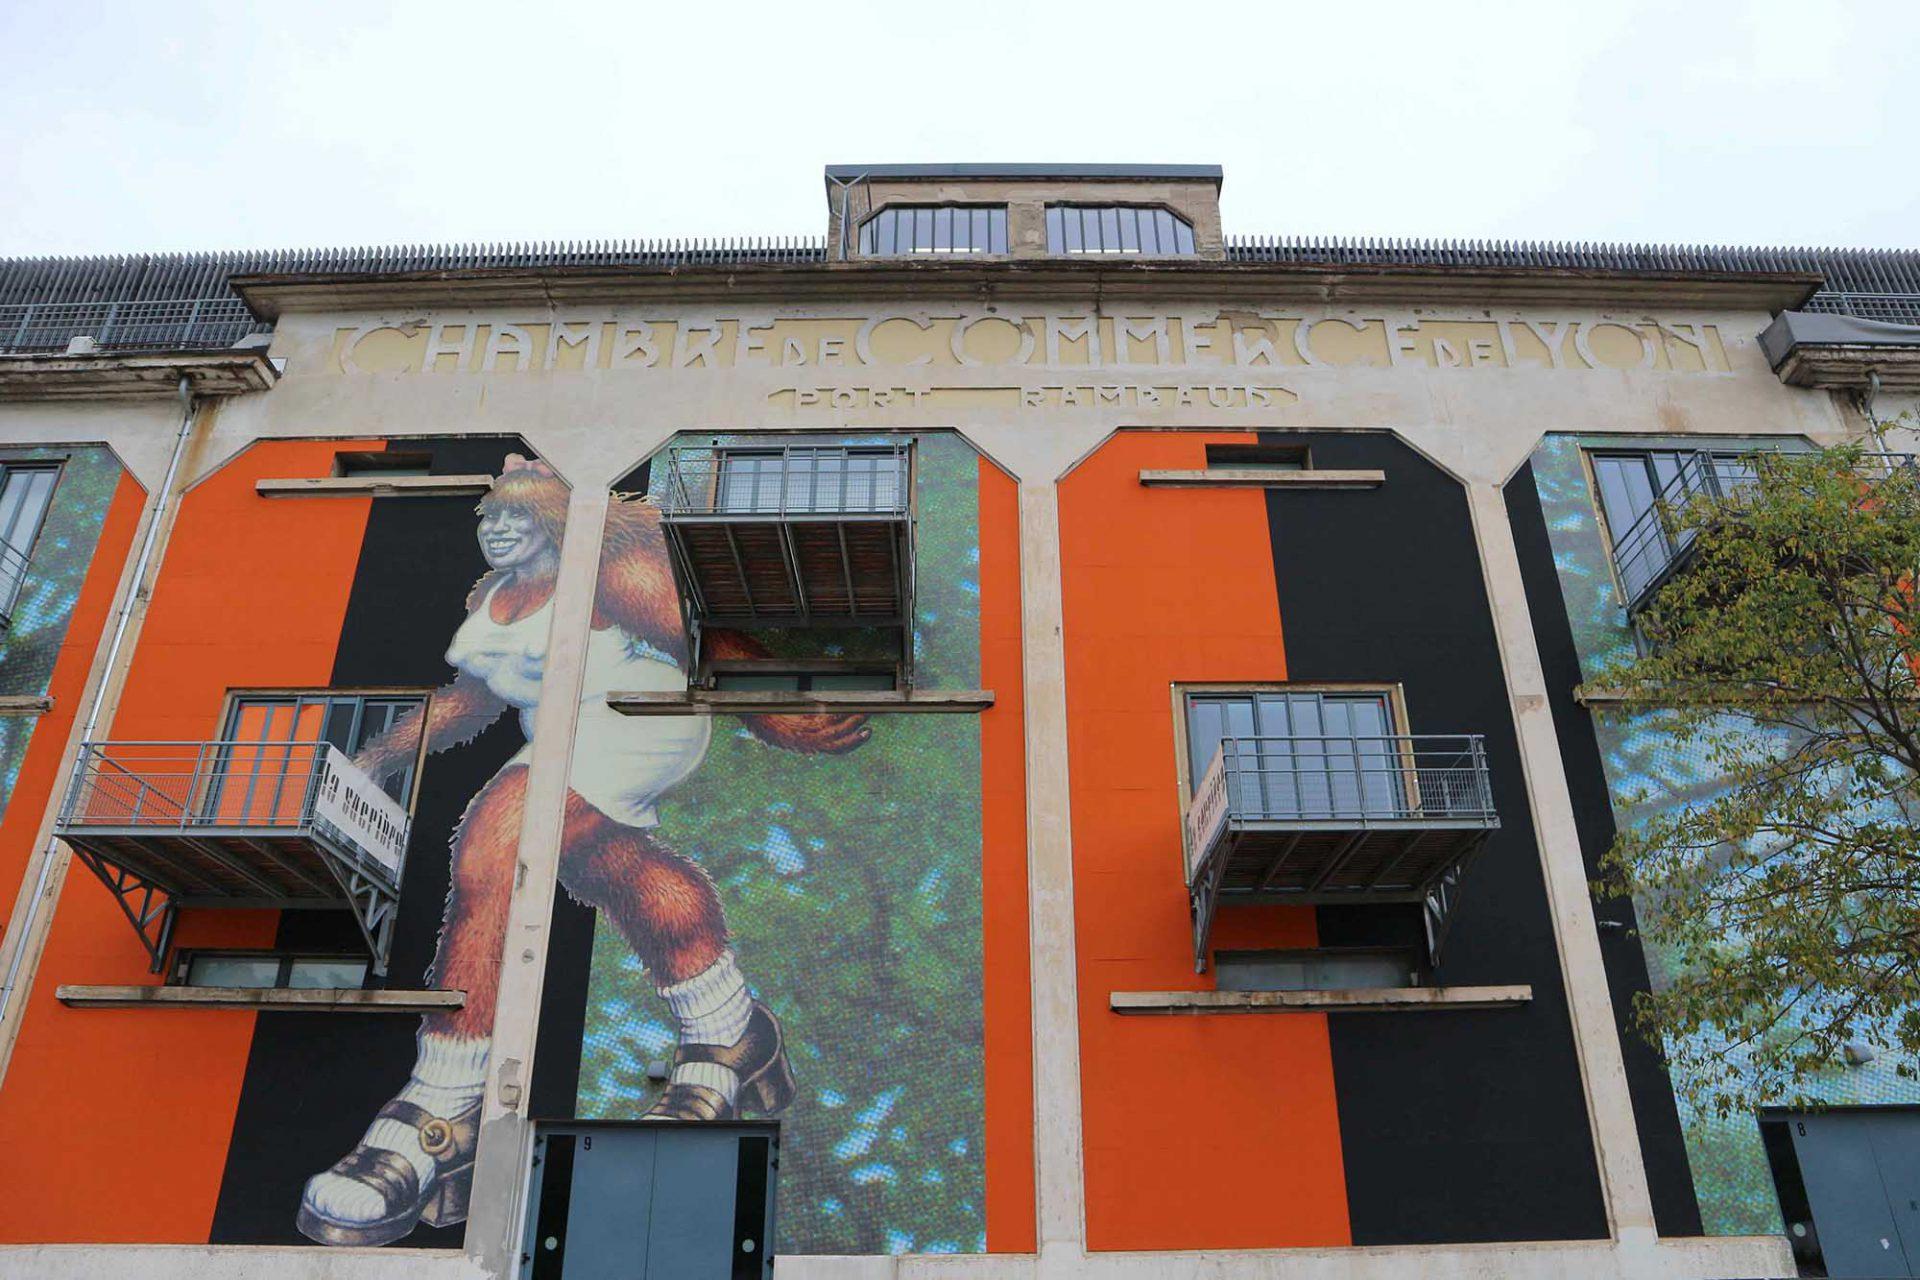 La Sucrière.  In den 1930er-Jahren inmitten der Hafenanlage als Depot für Zucker gebaut, wurde es 2003 zum Biennale d'Art Contemporain umgestaltet. Die Biennale für zeitgenössische Kunst hat sich seitdem zu einer der wichtigsten in Europa entwickelt. Den Umbau des Gebäudes verantwortete Z ARCHITECTURE mit dem Architekten William Vassal.